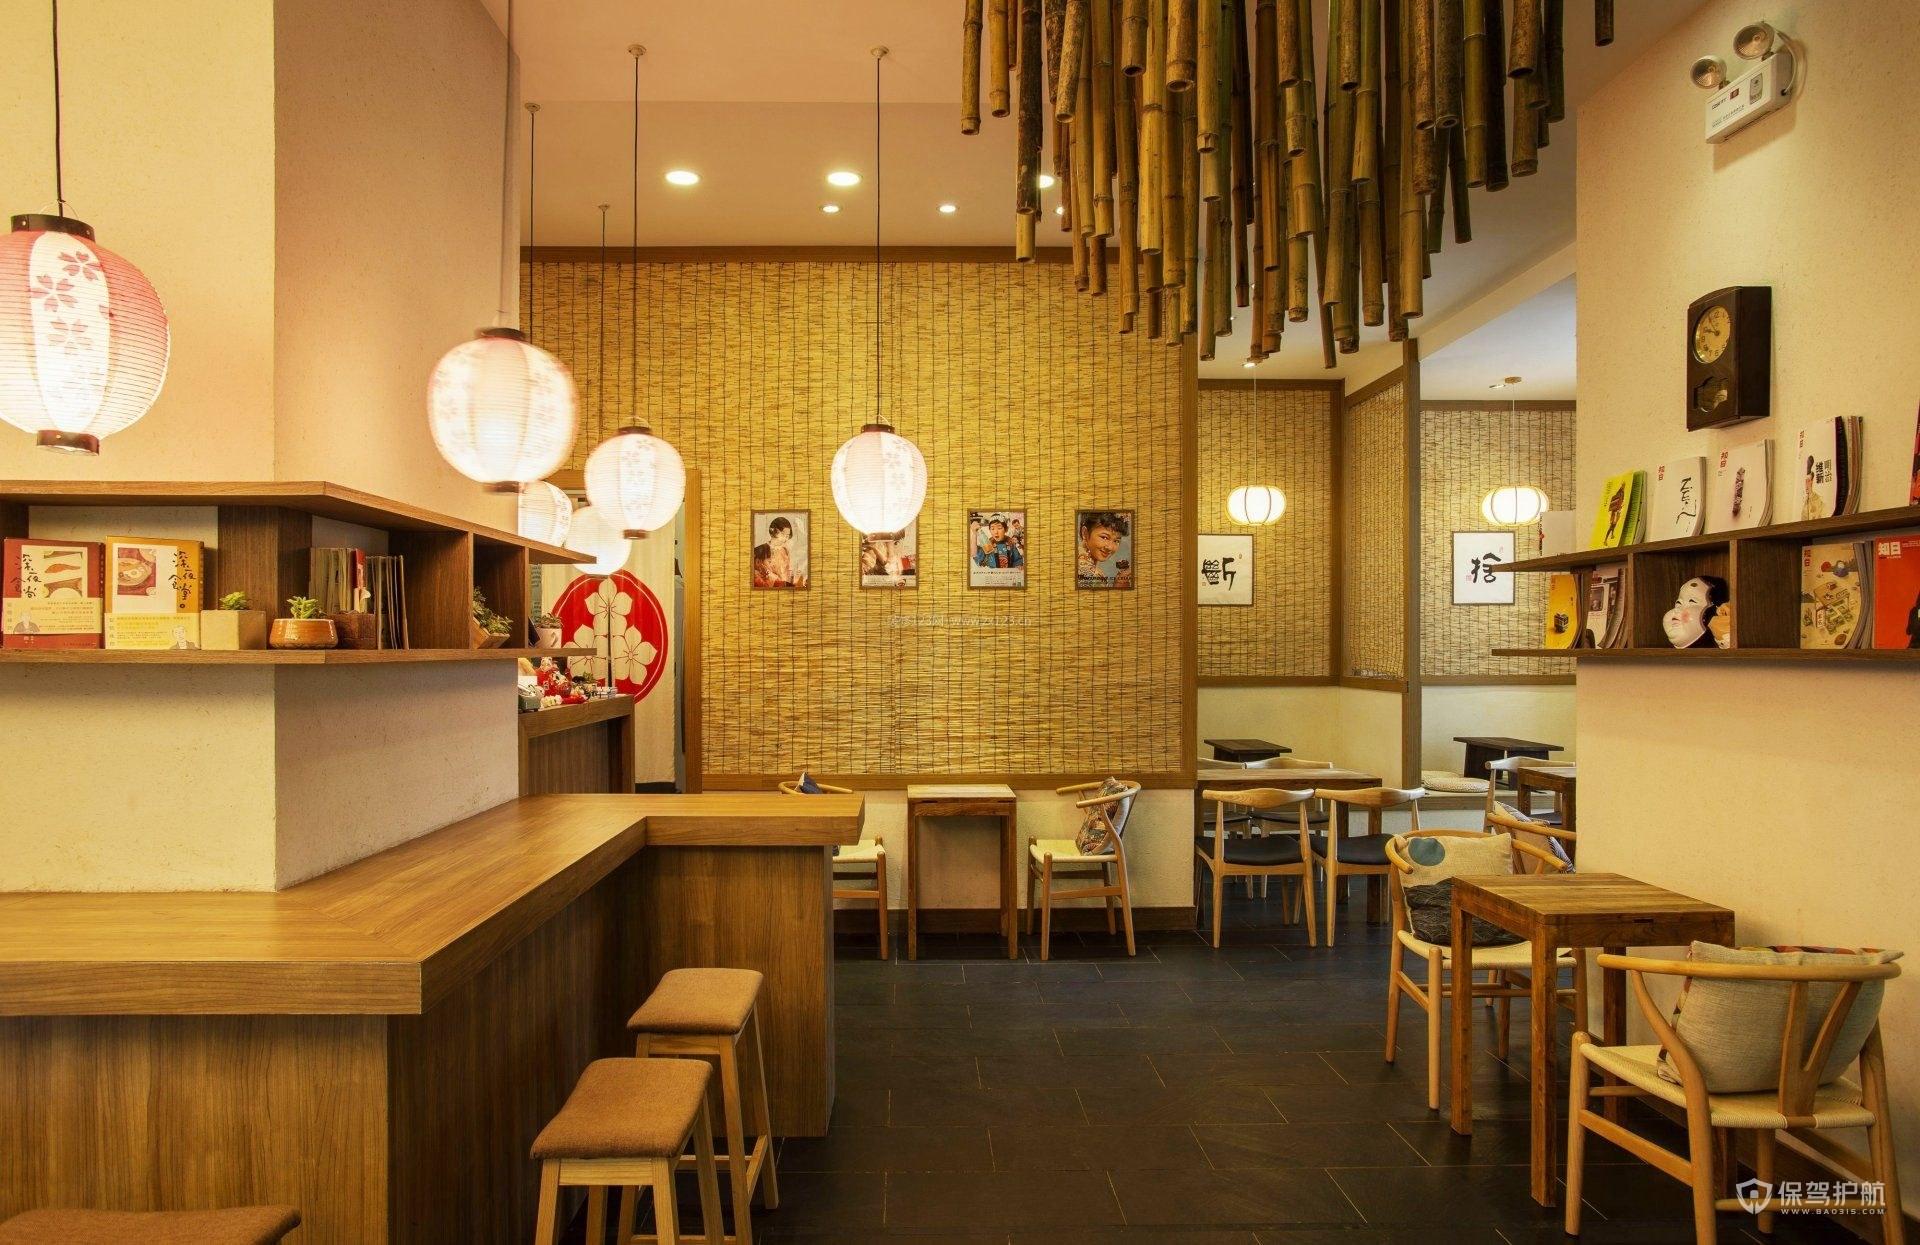 日式小吃店装修实景图